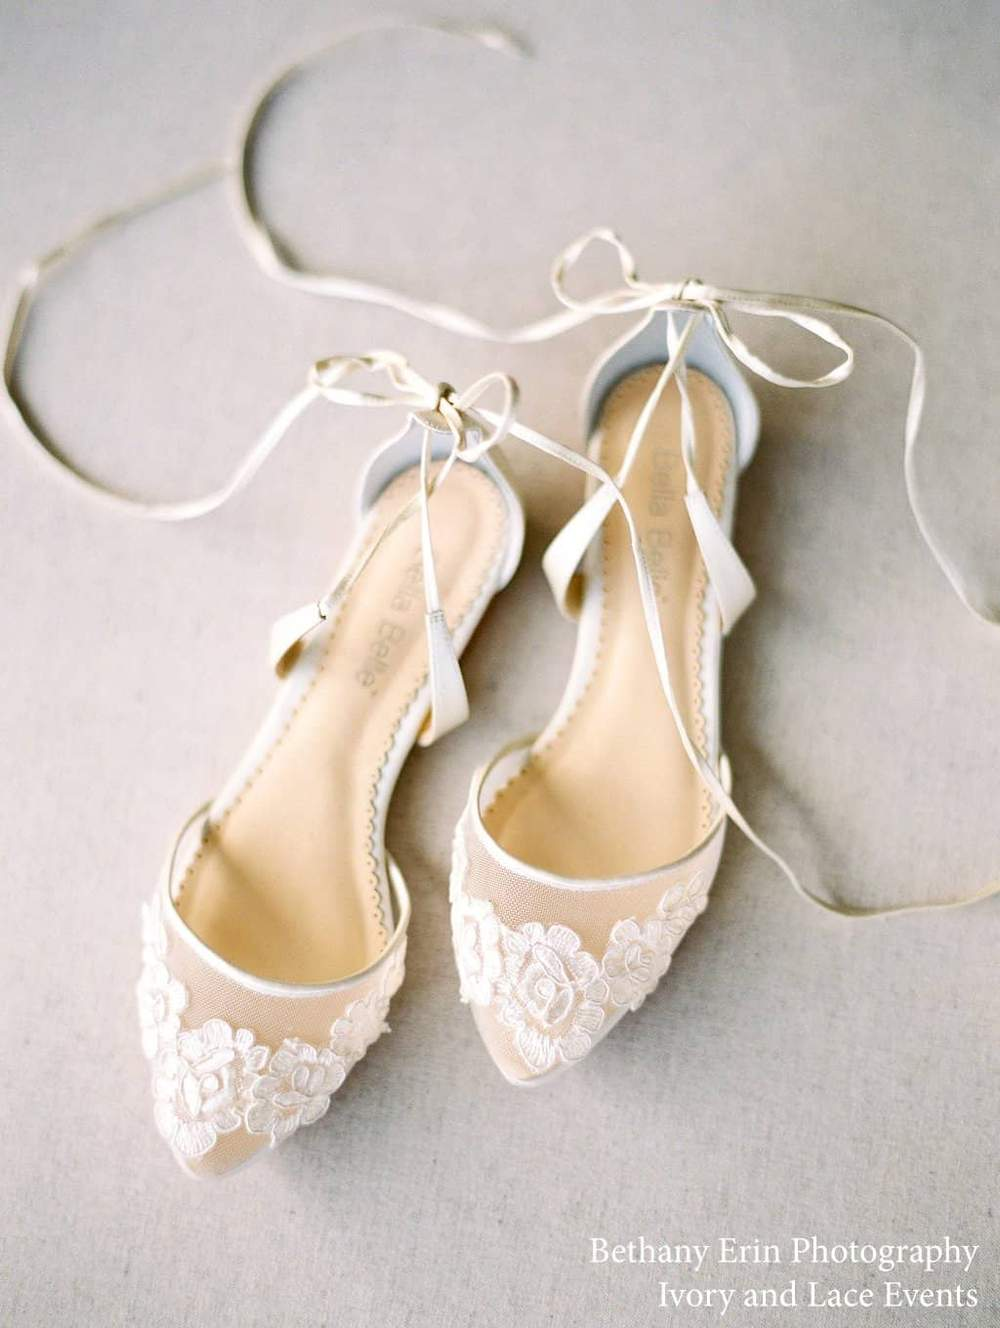 Chaussures de mariée Alicia bellabelle plates ballerines confort dentelle mariage tulle